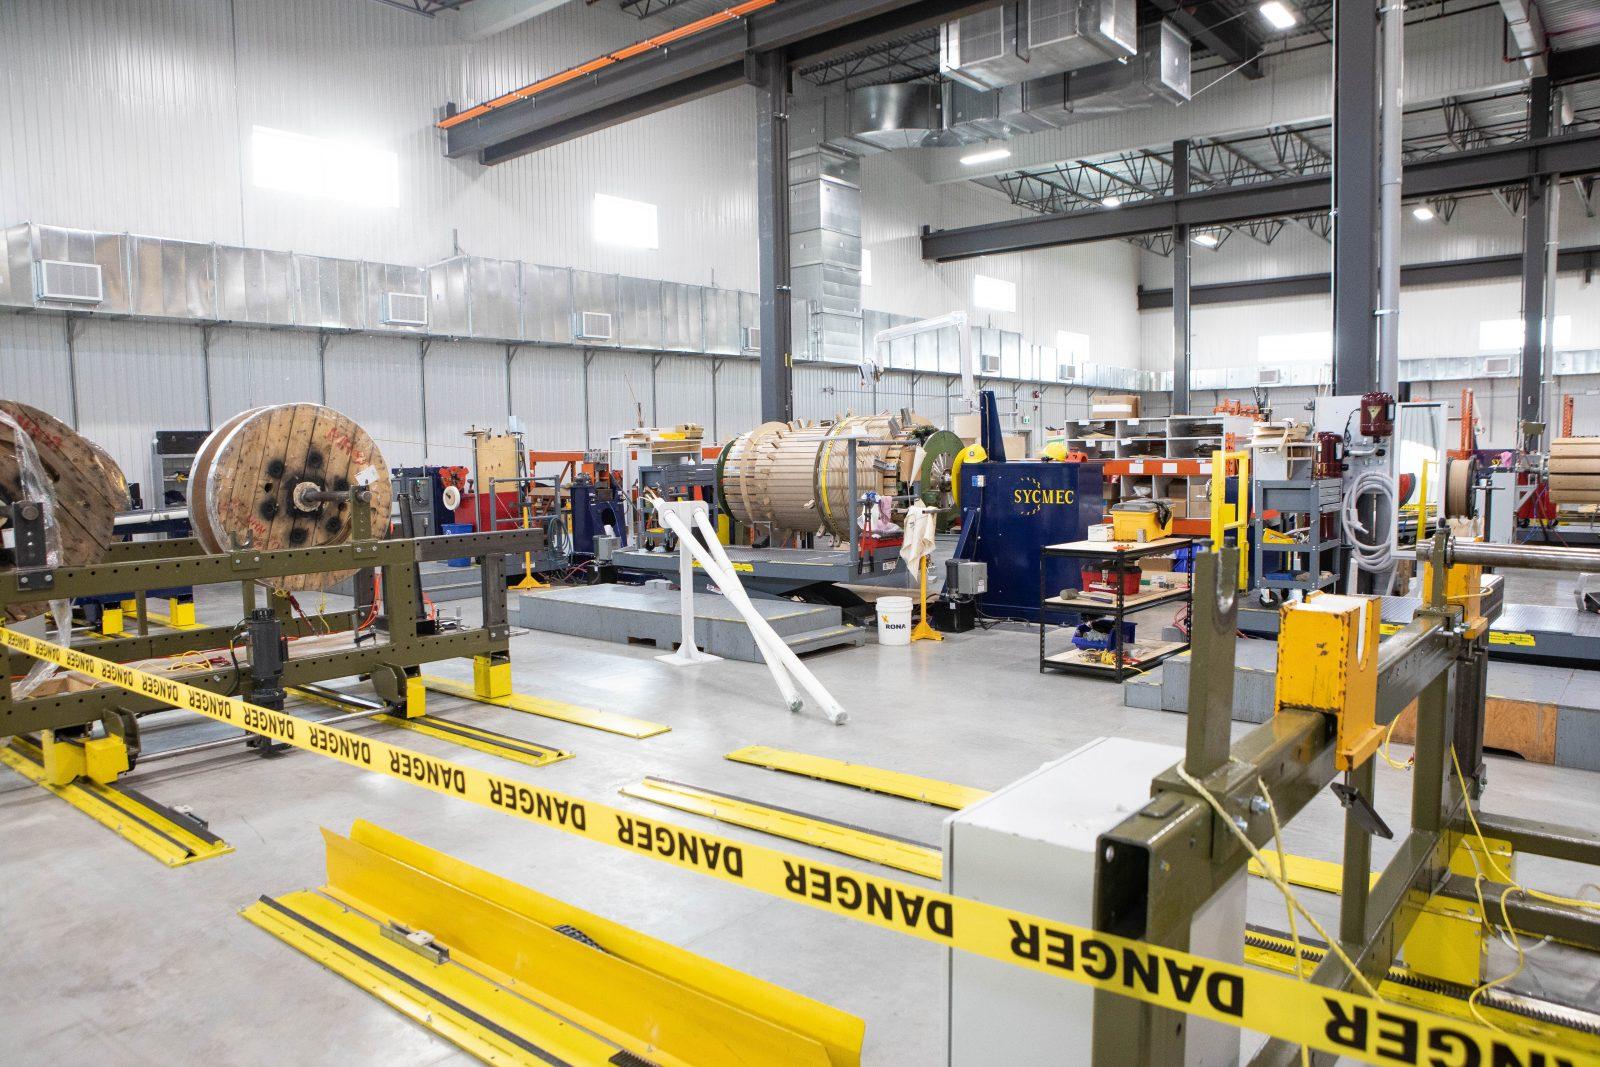 Delta Star investit 5 M$ pour augmenter sa productivité